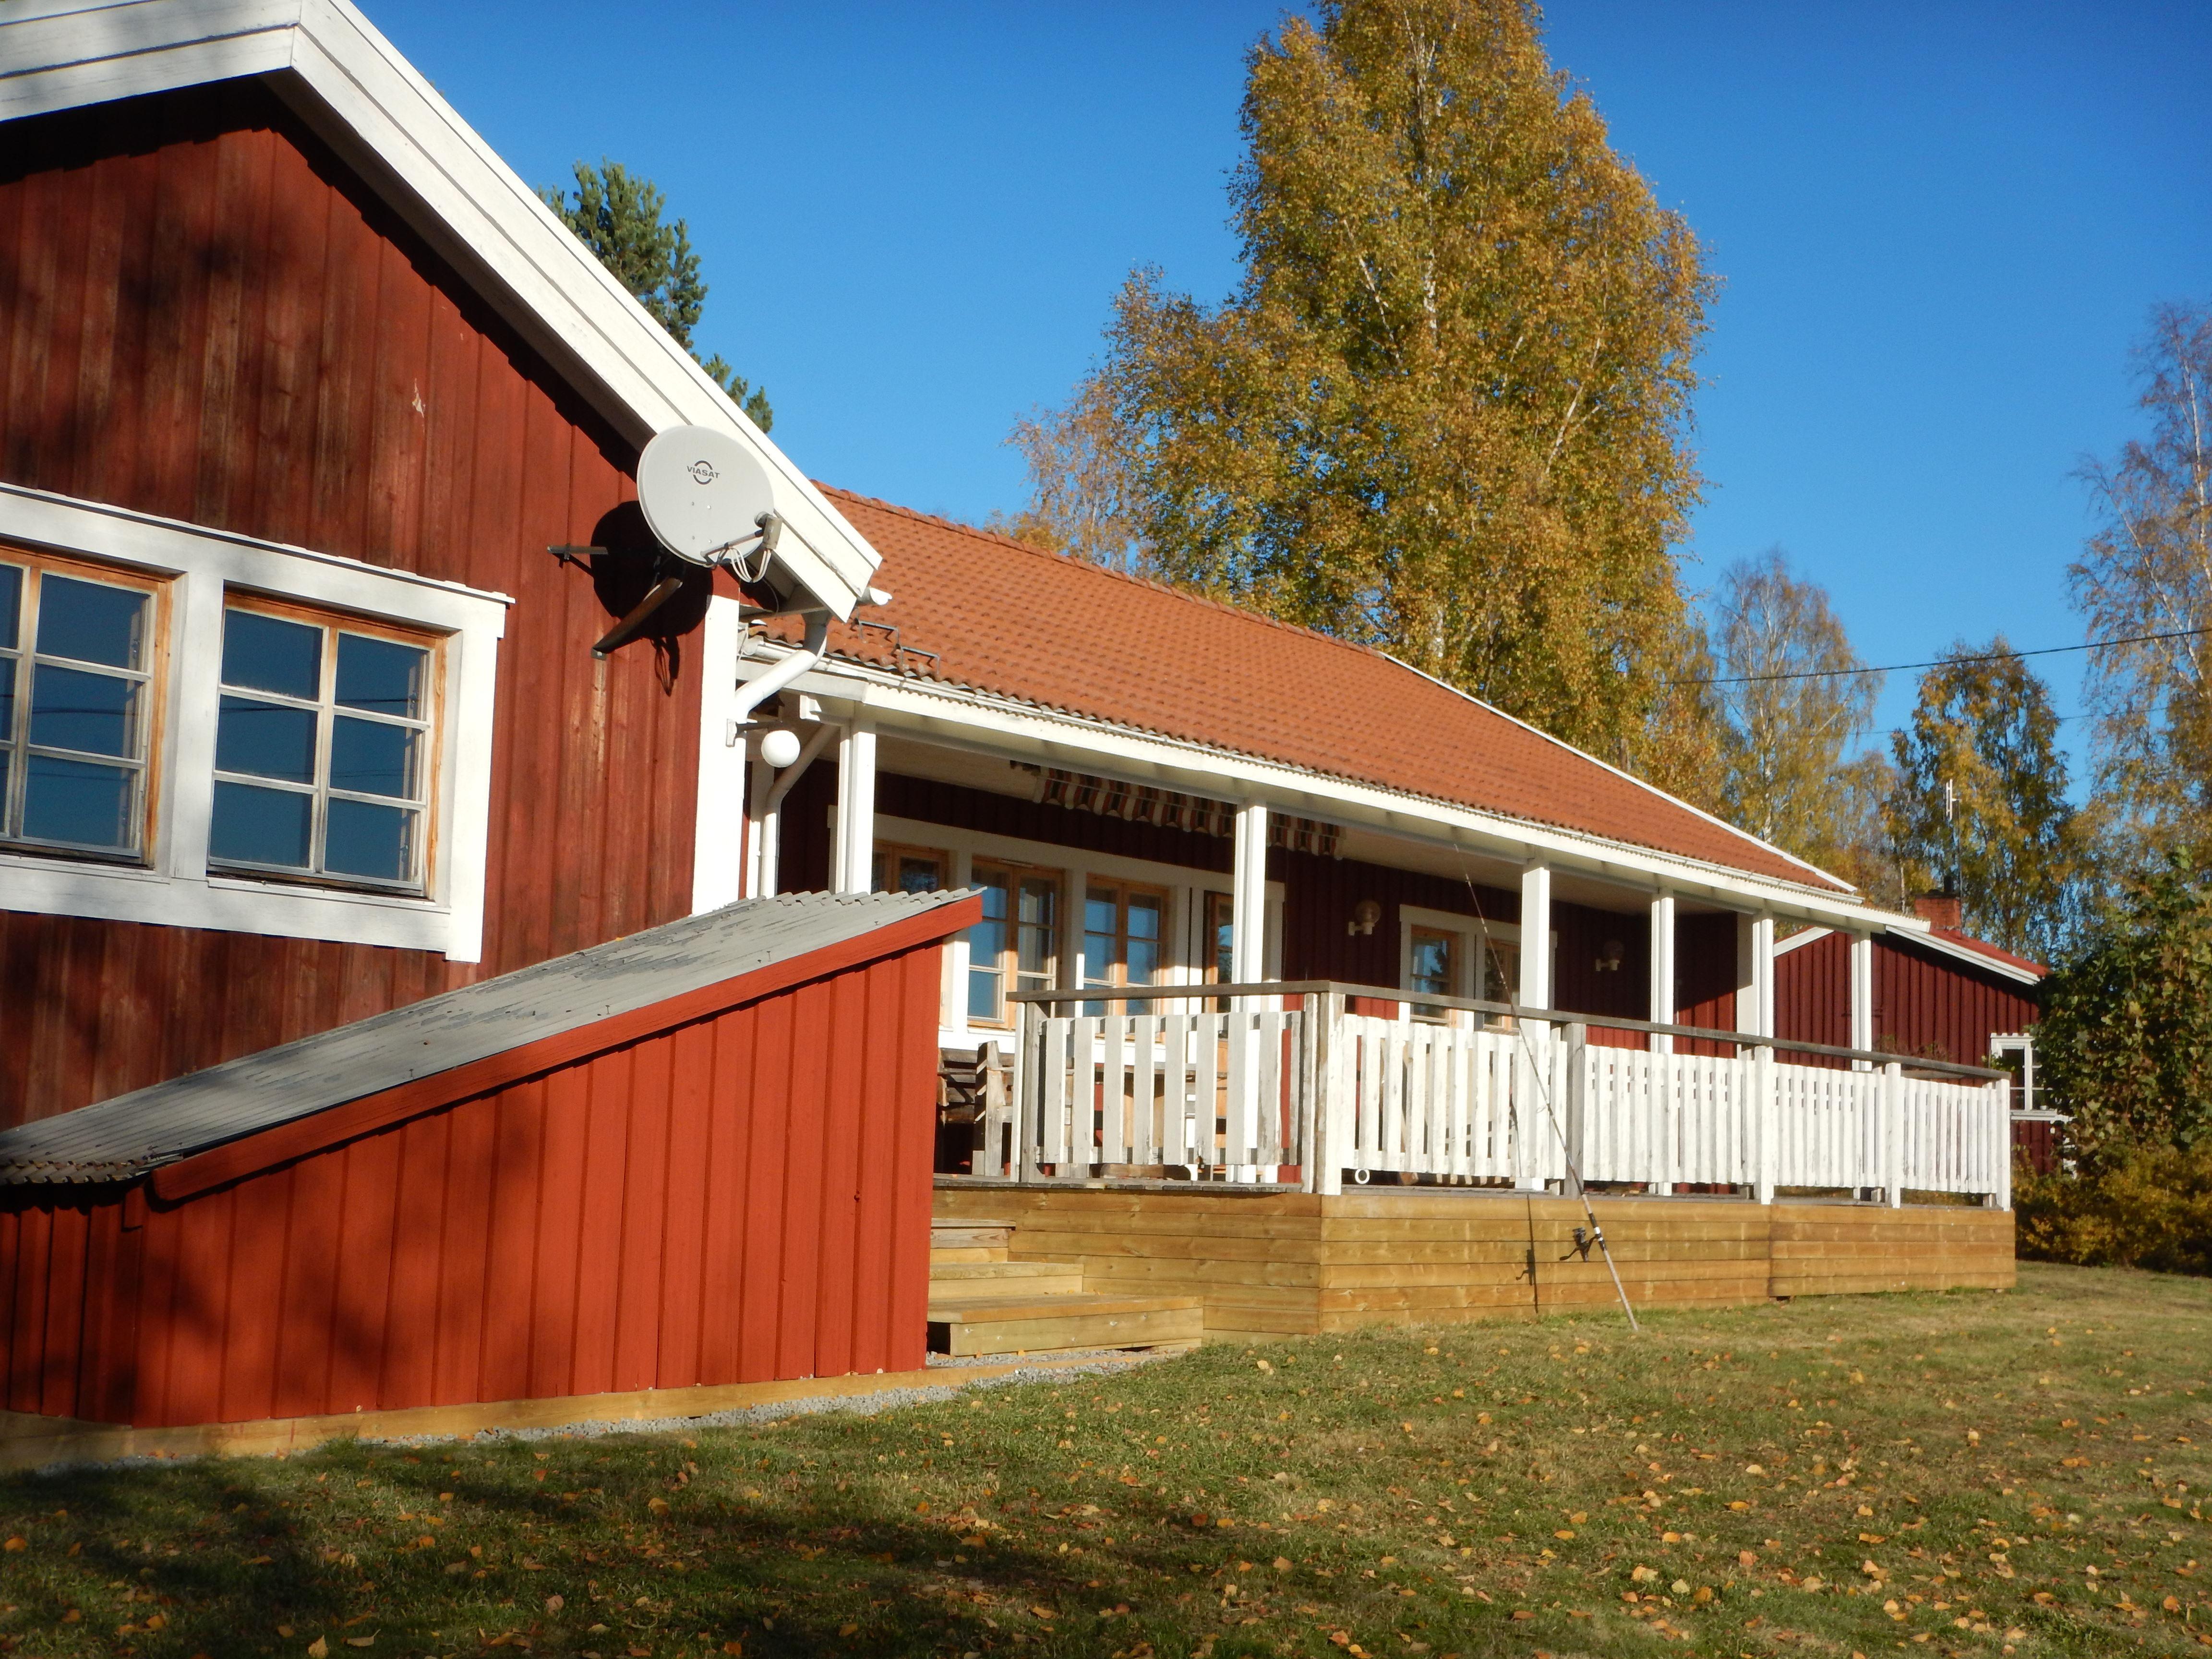 Flottarvillan 3 - Kungsholmen Restaurang & Konferens